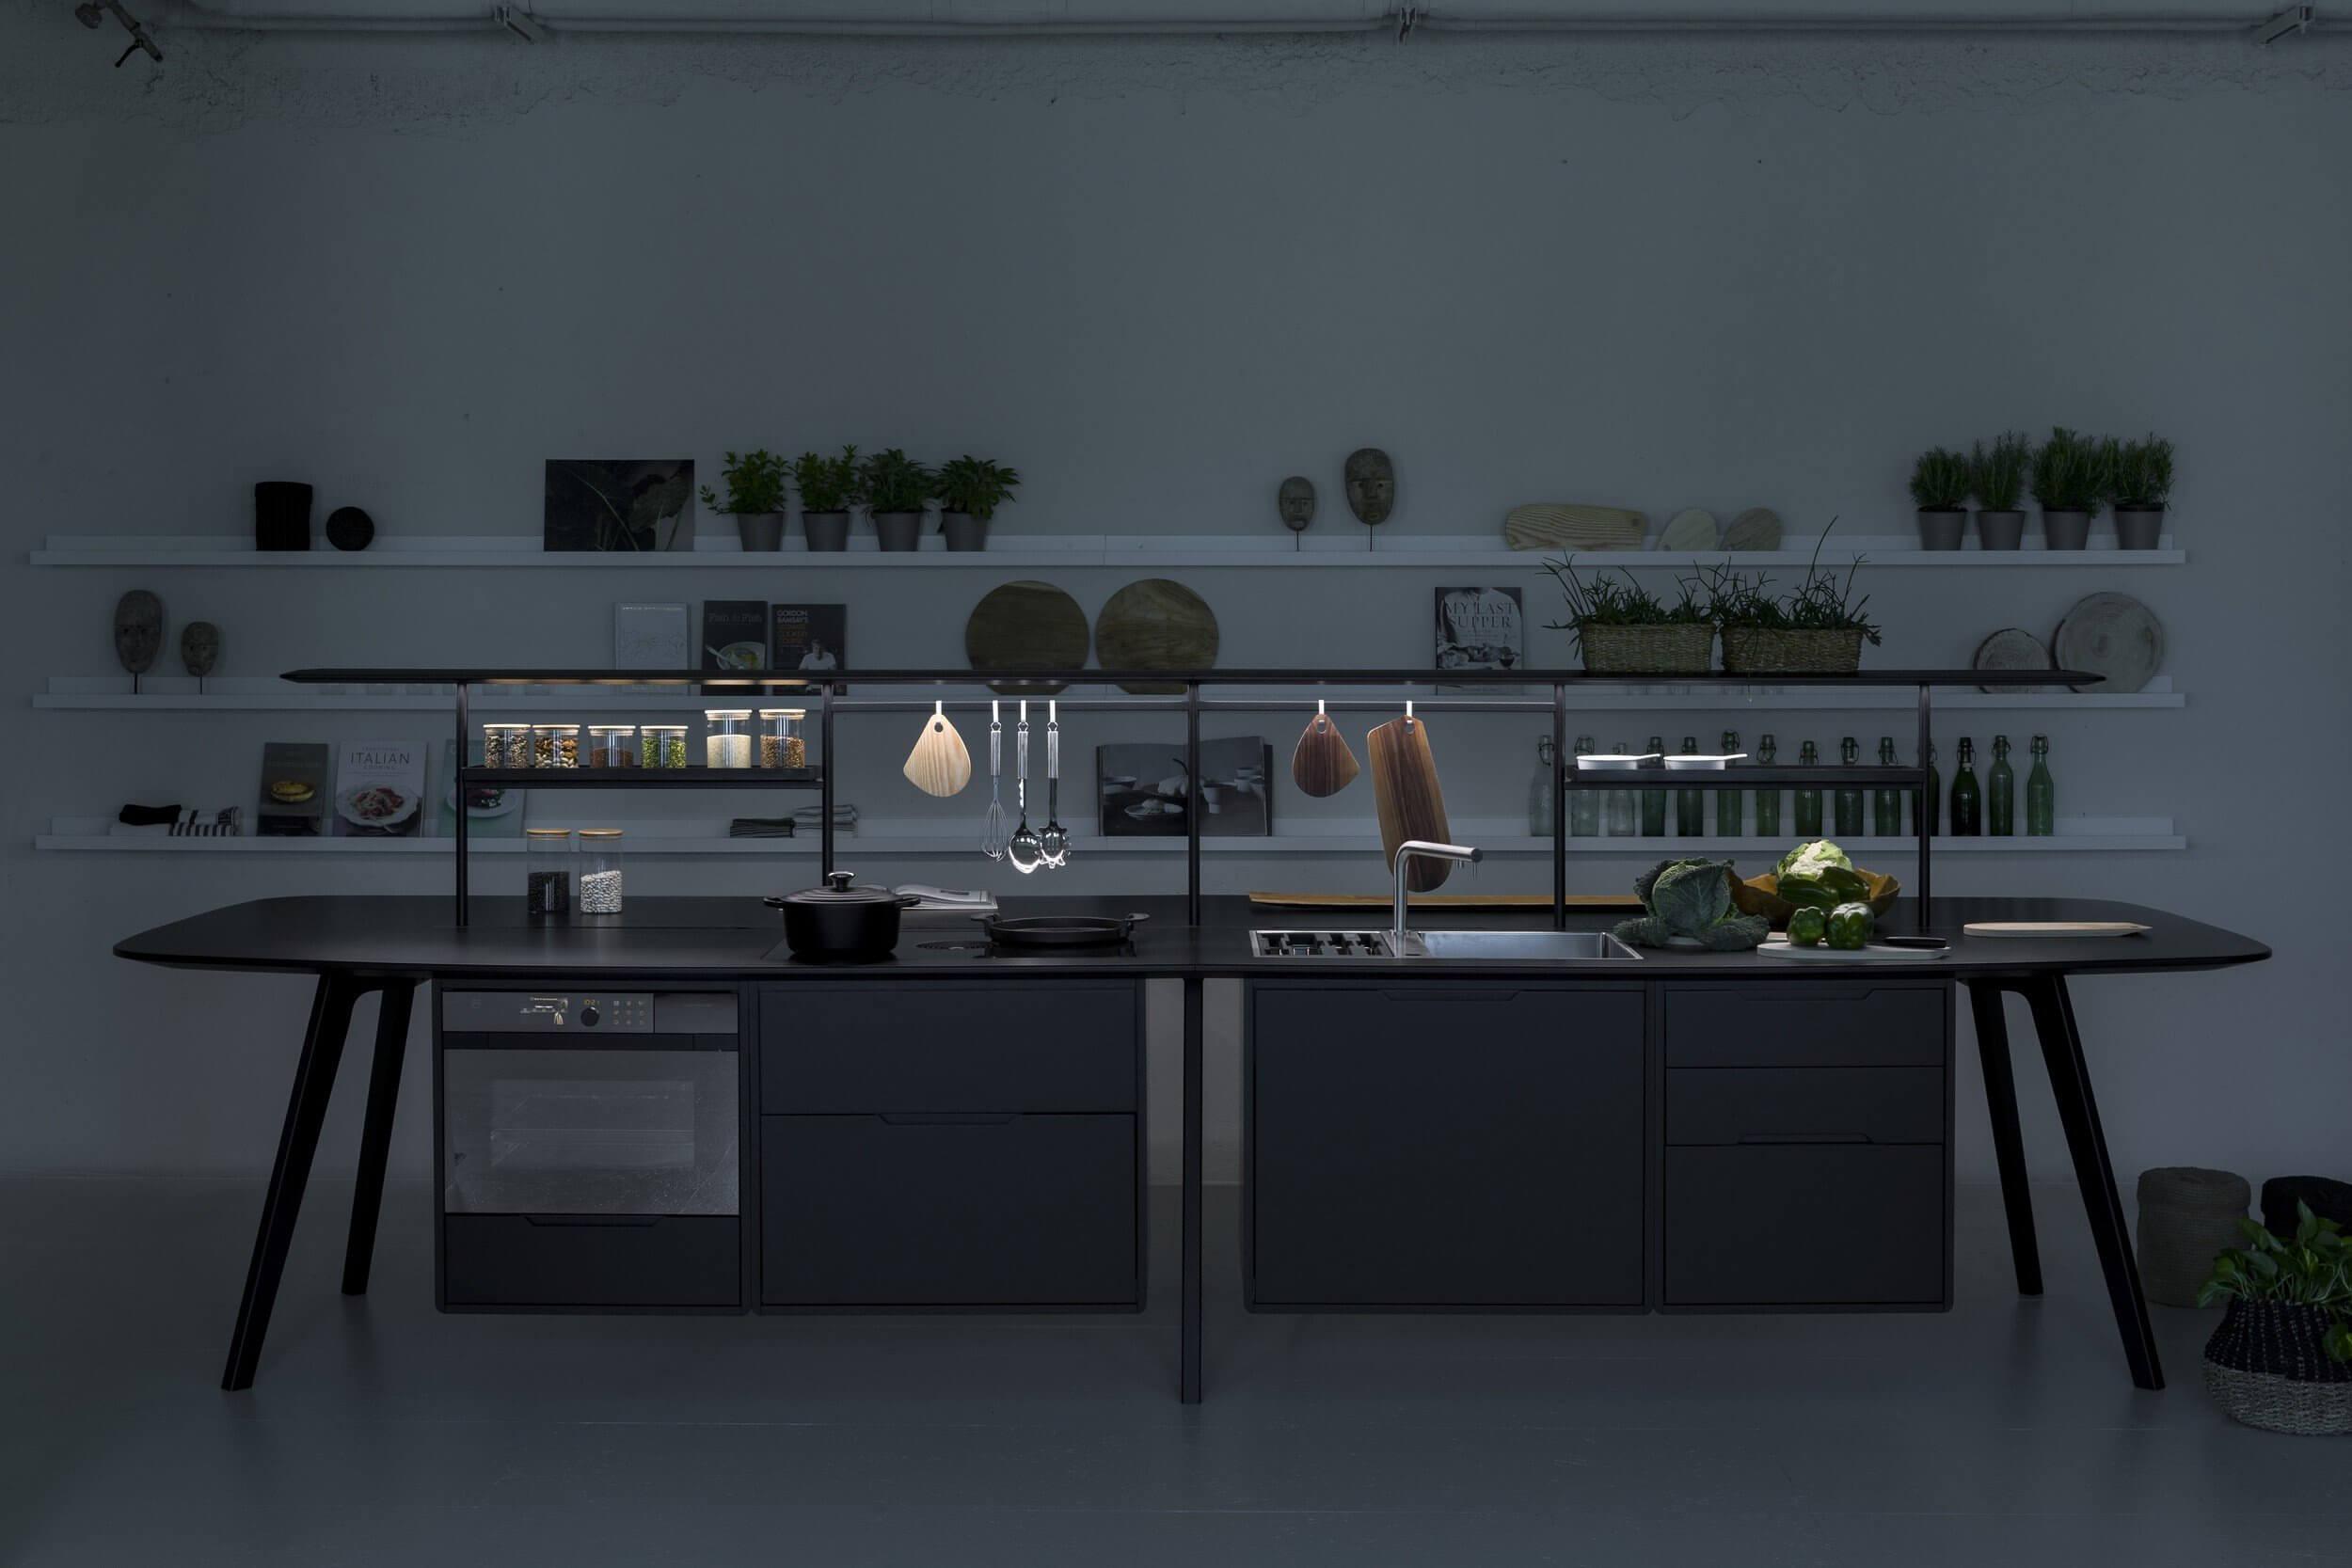 Cuisine d'entreprise design WING KITCHEN